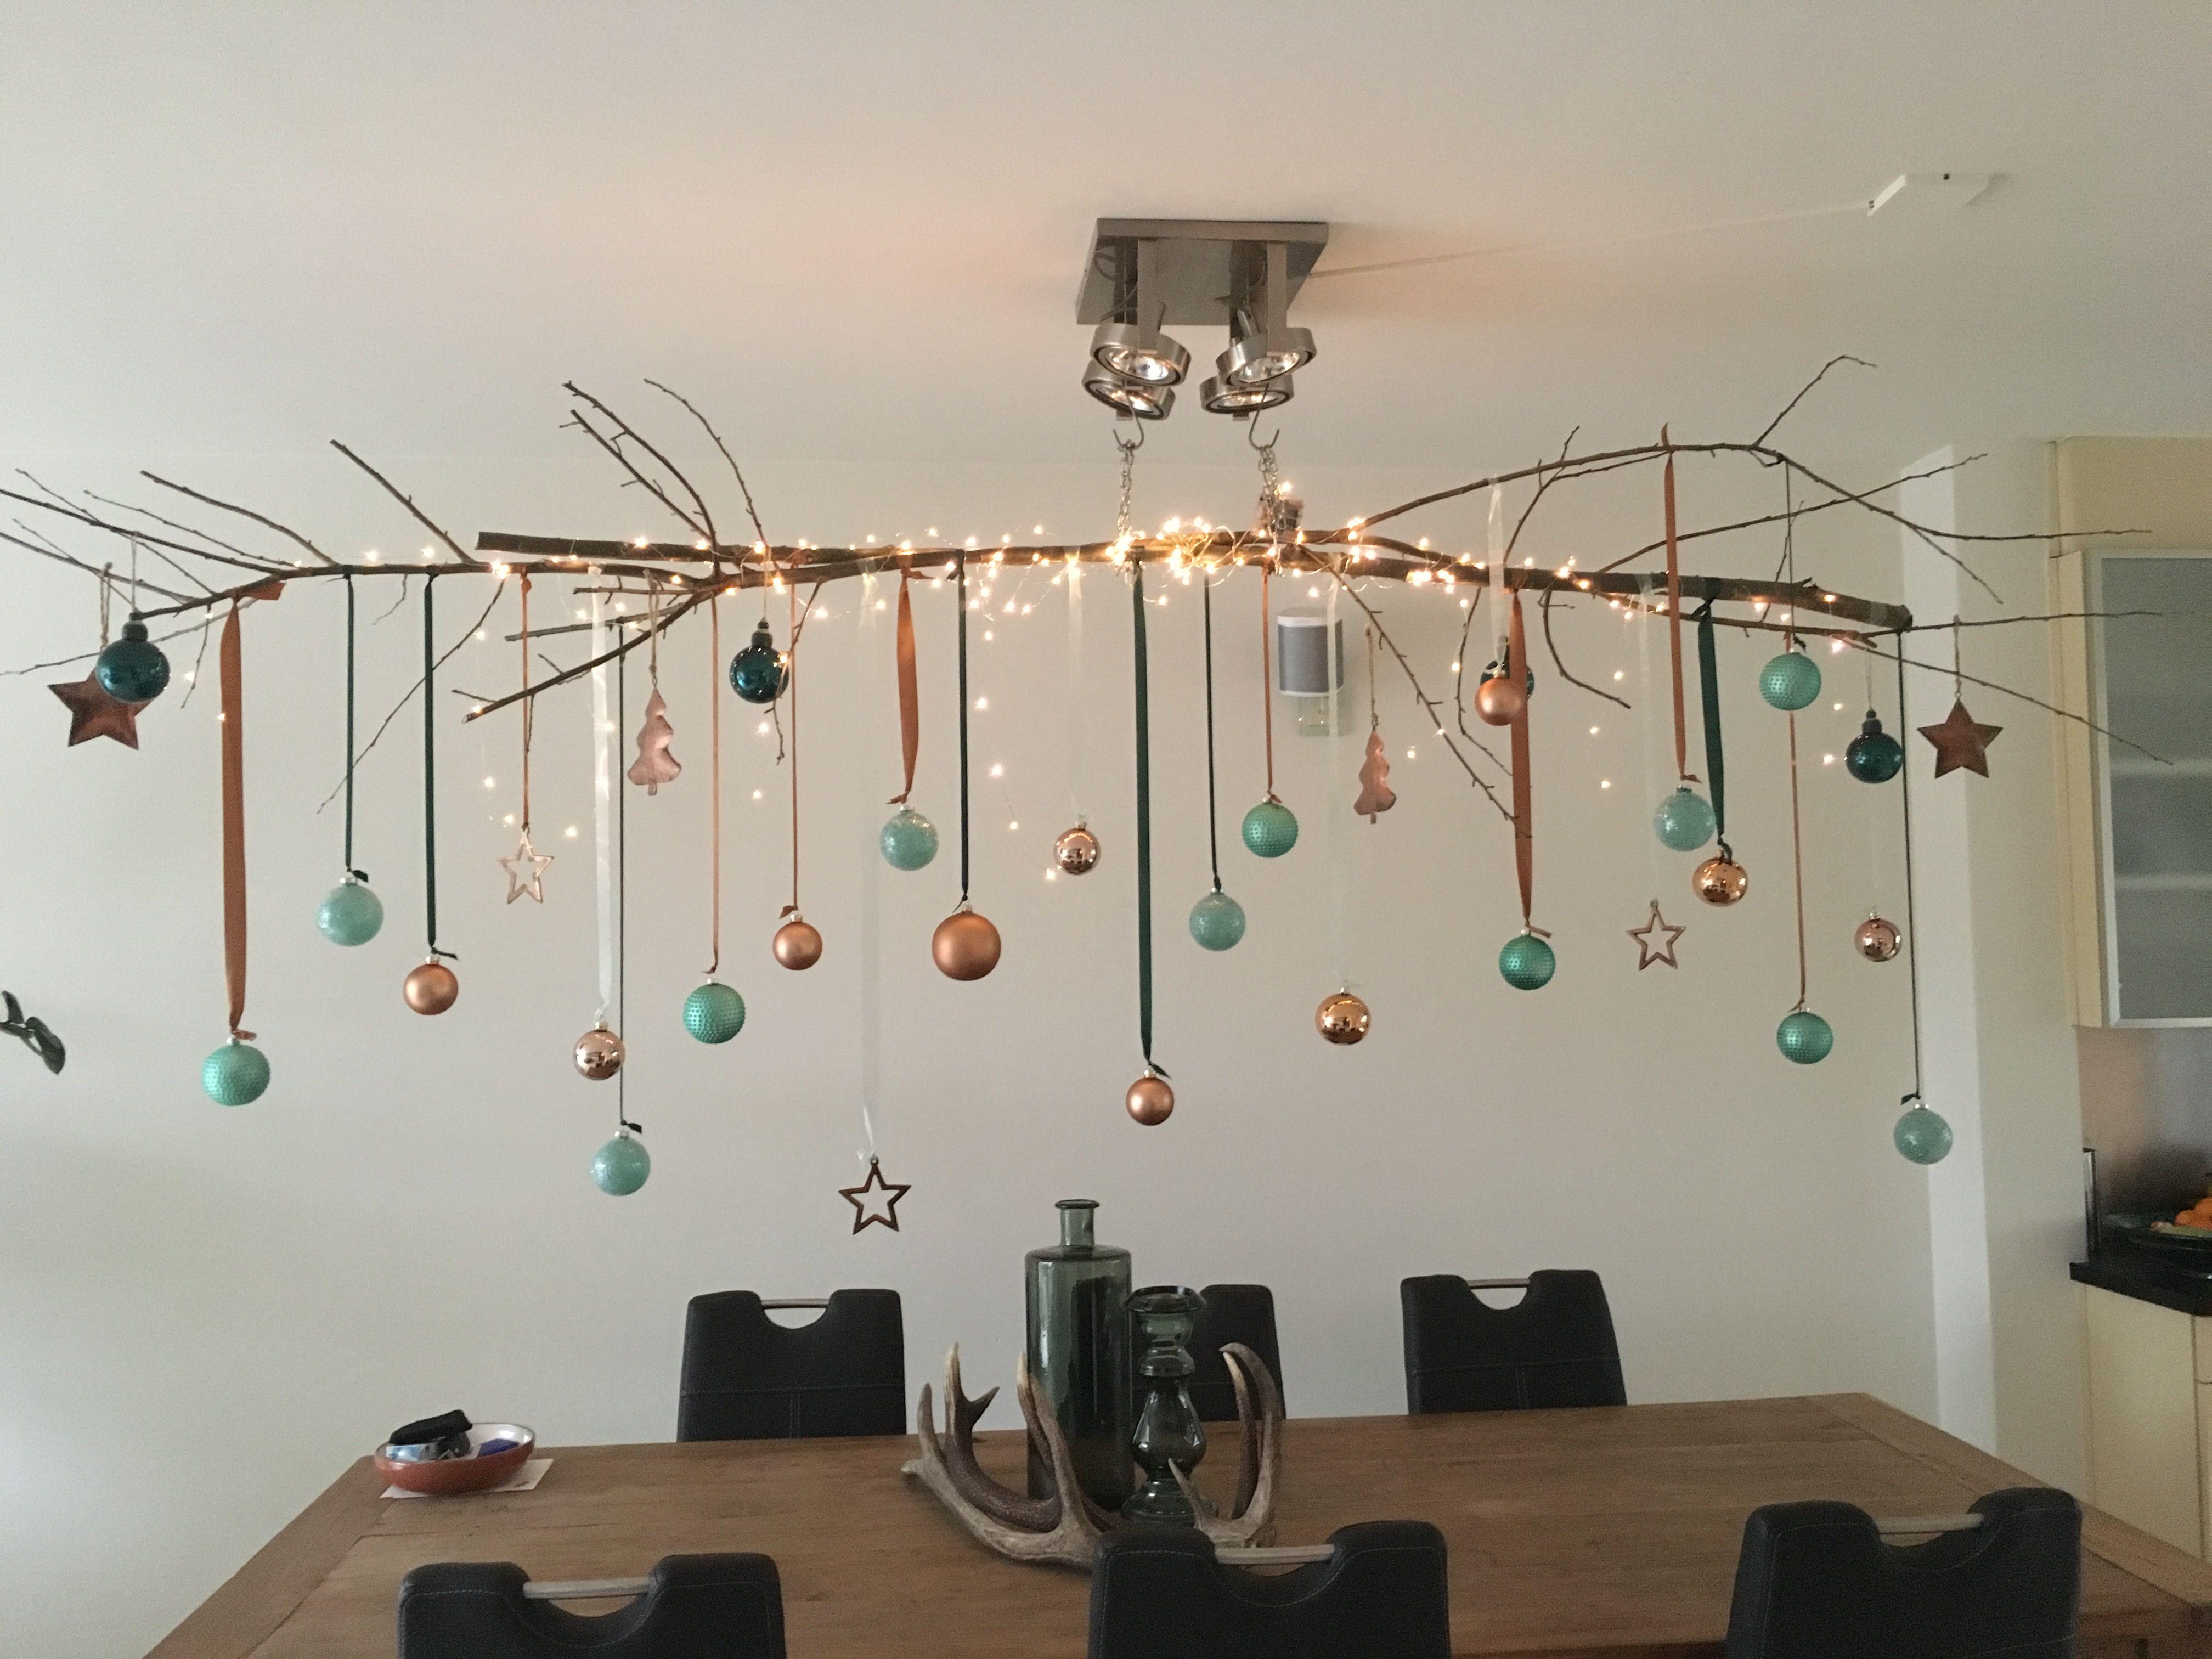 #tak #eettafel #kerst